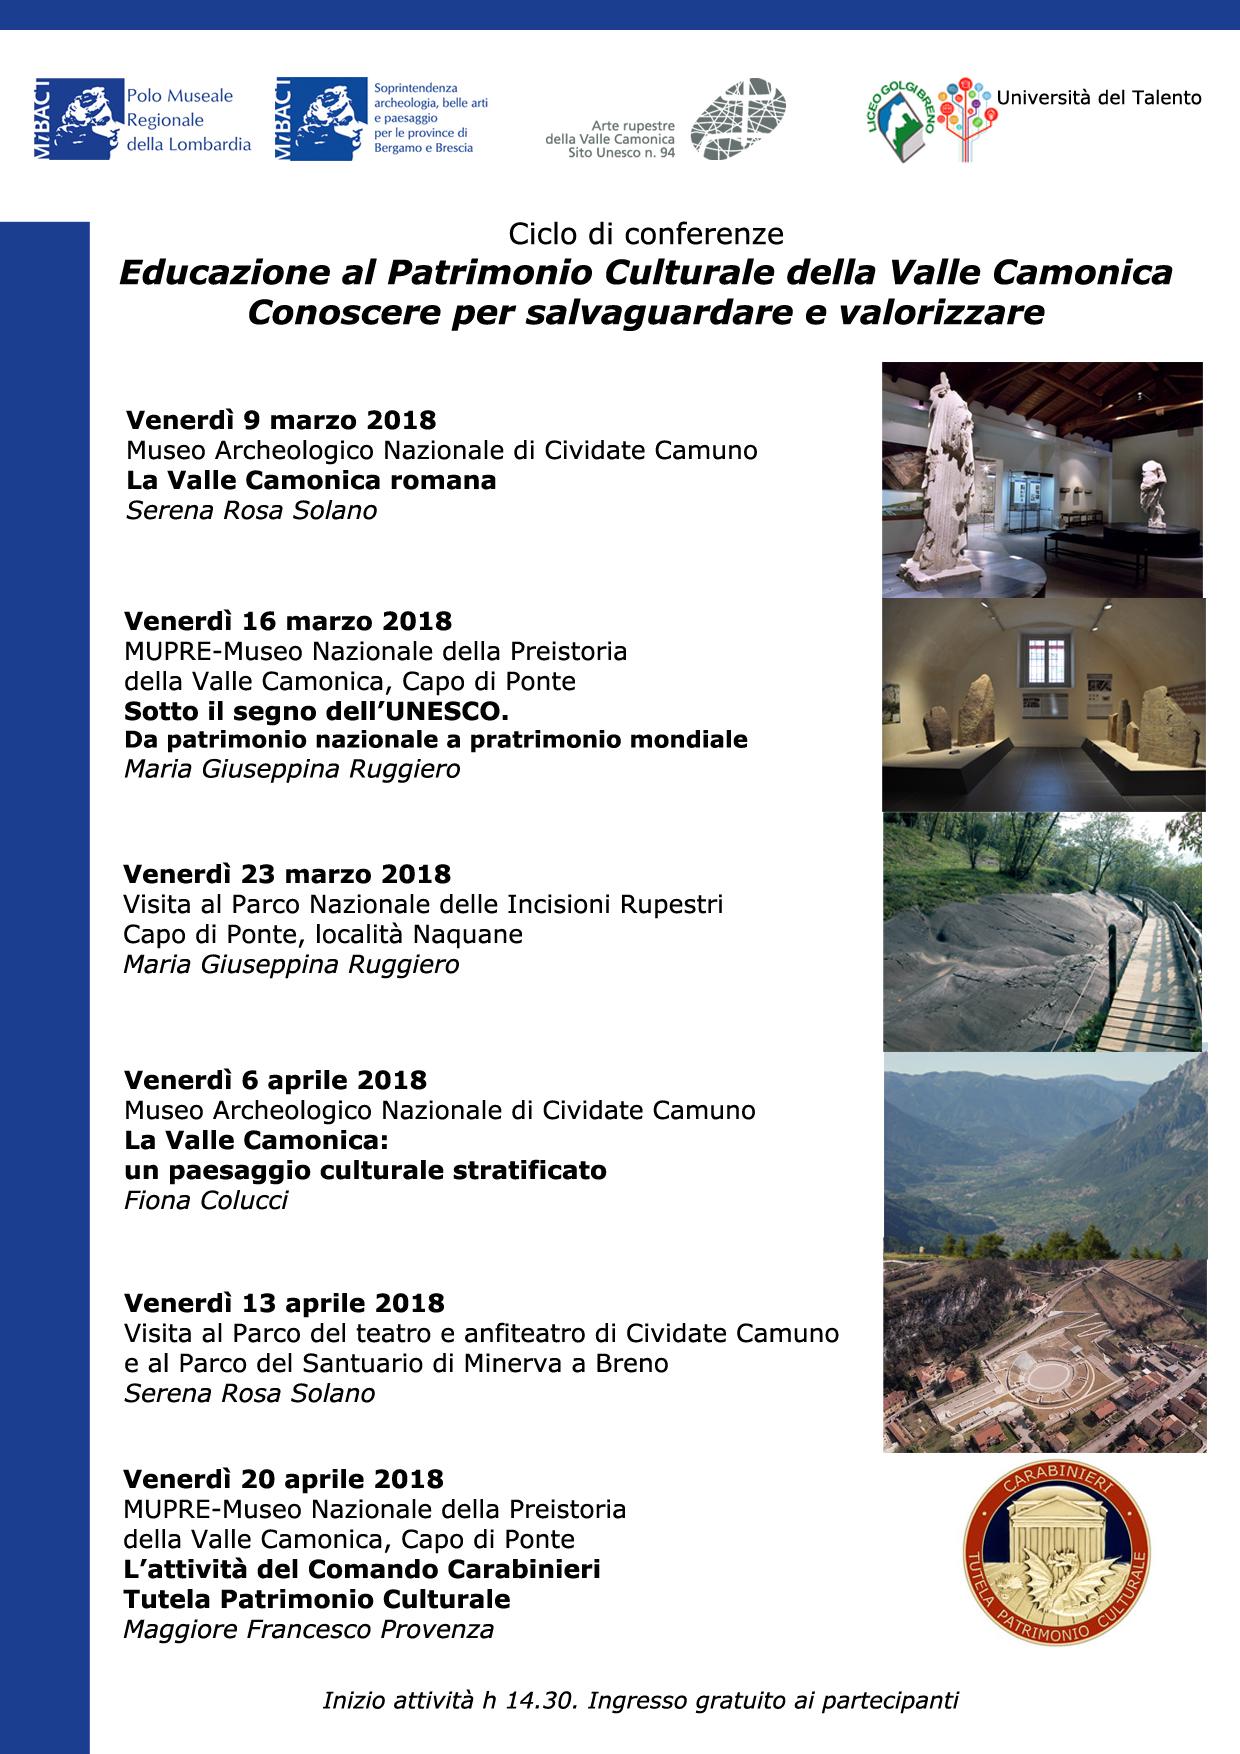 locandina conferenze patrimonio culturale valle camonica